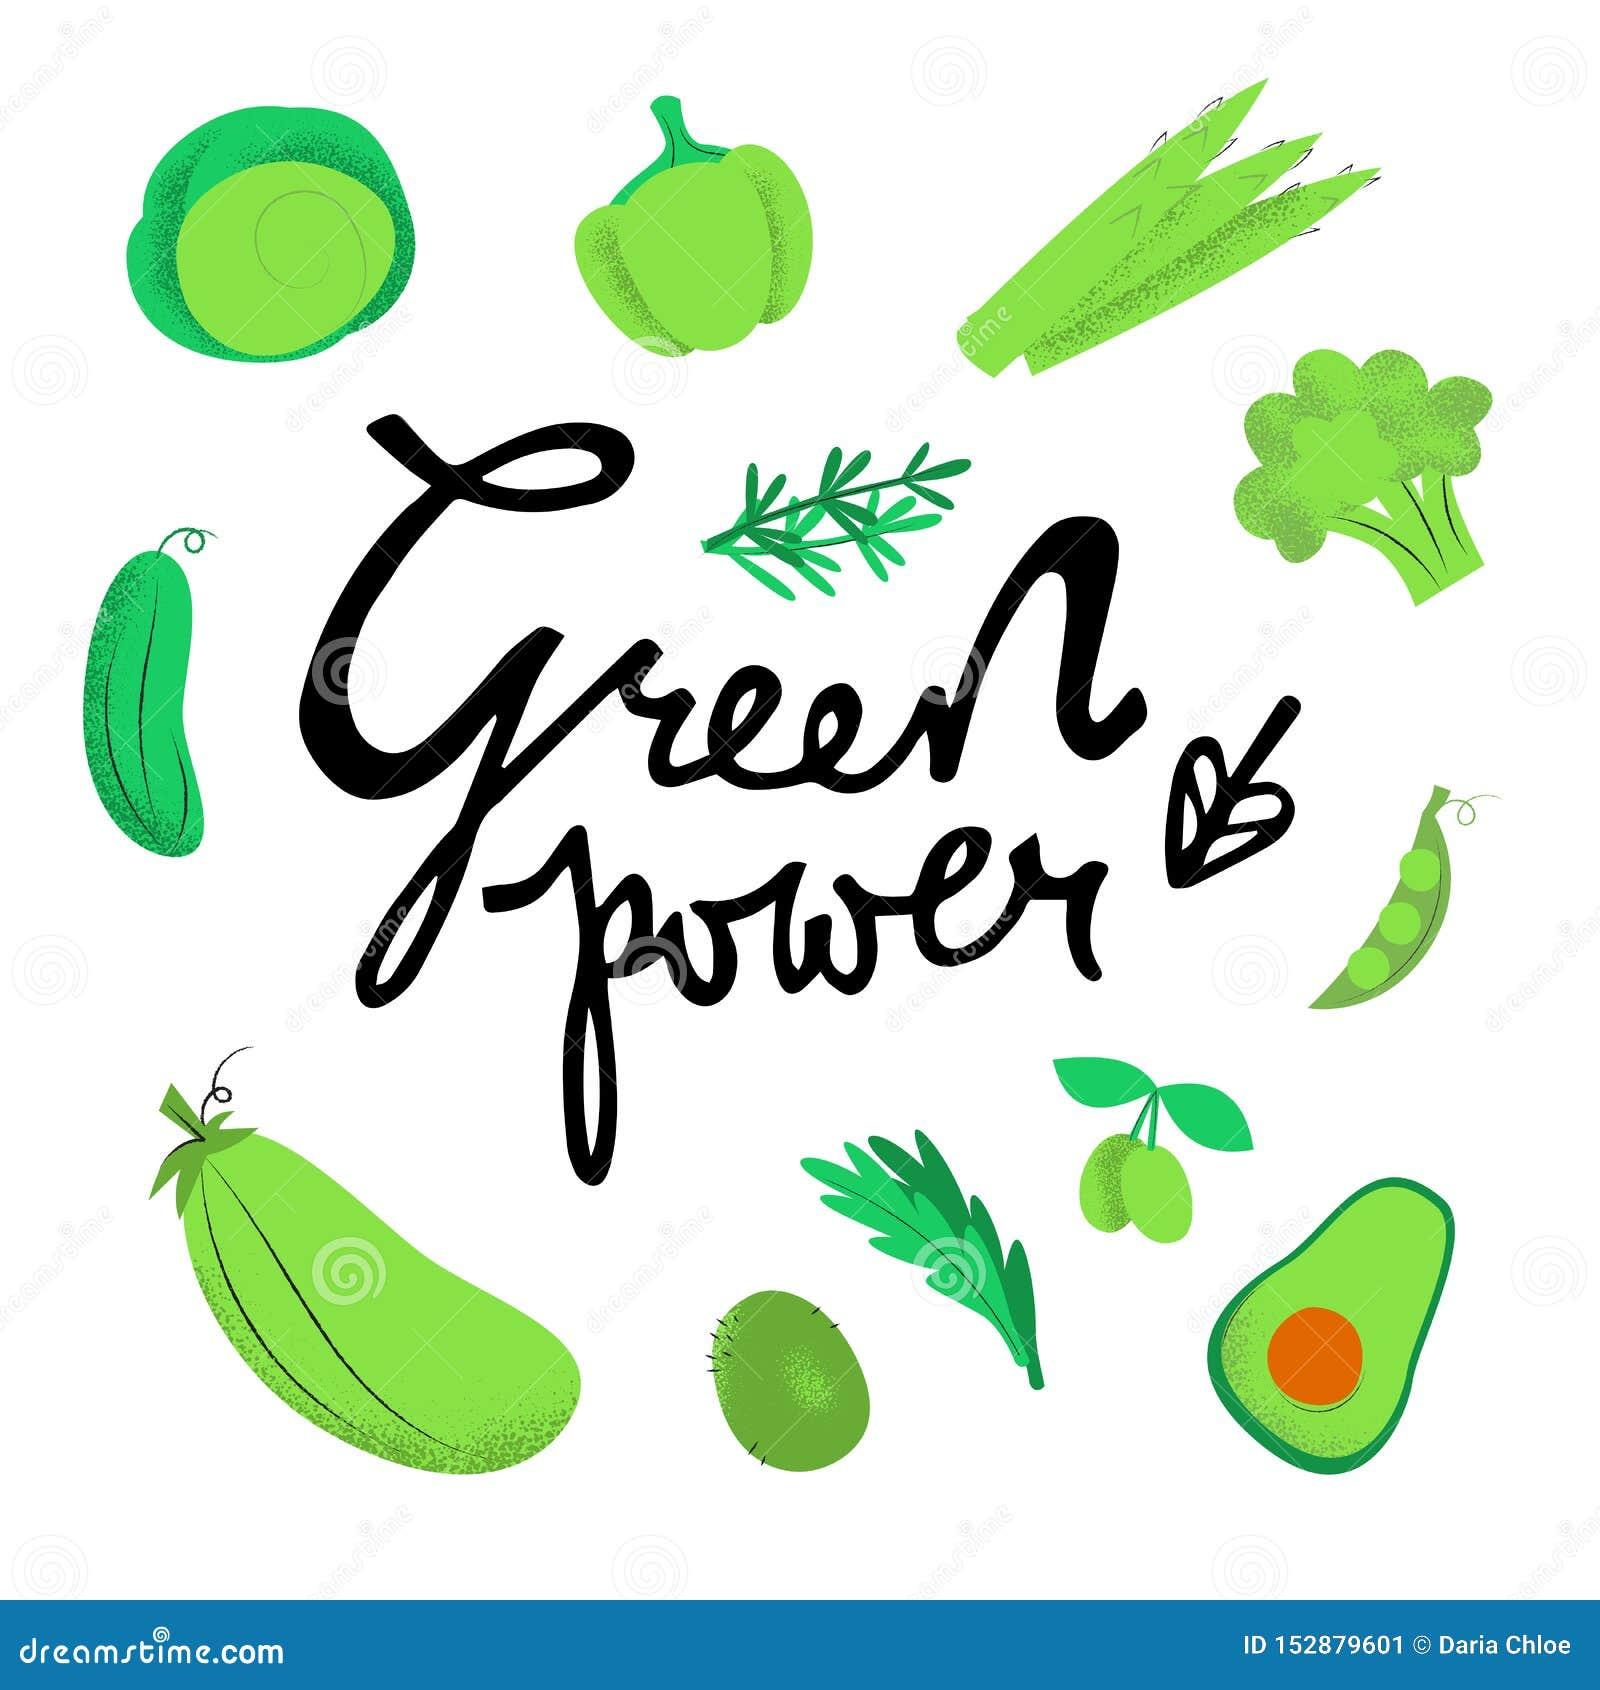 Groene machts vector schetsmatige illustratie